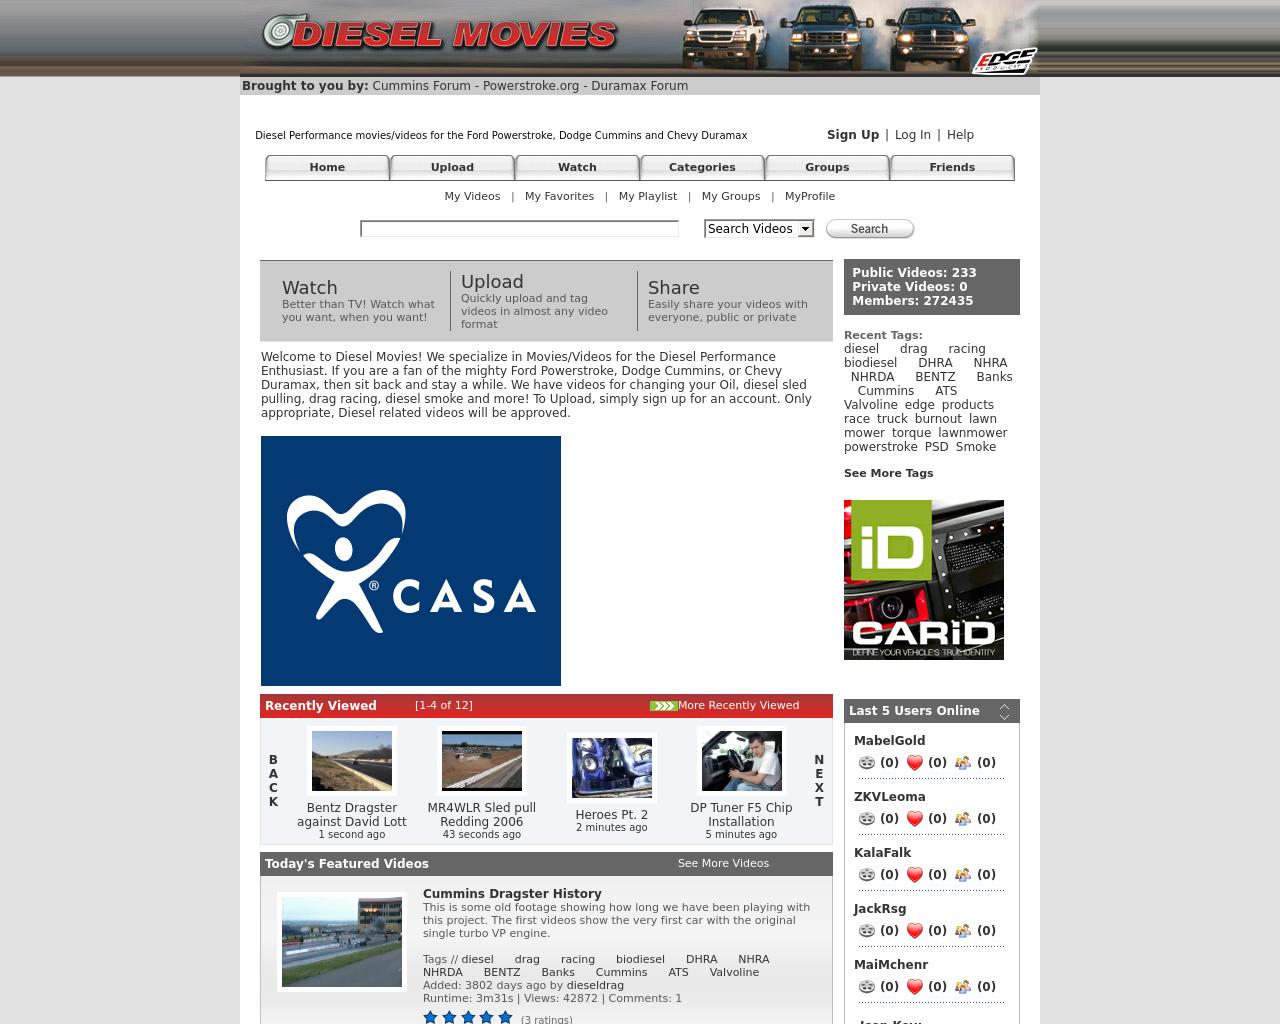 DIESEL-MOVIES-Advertising-Reviews-Pricing